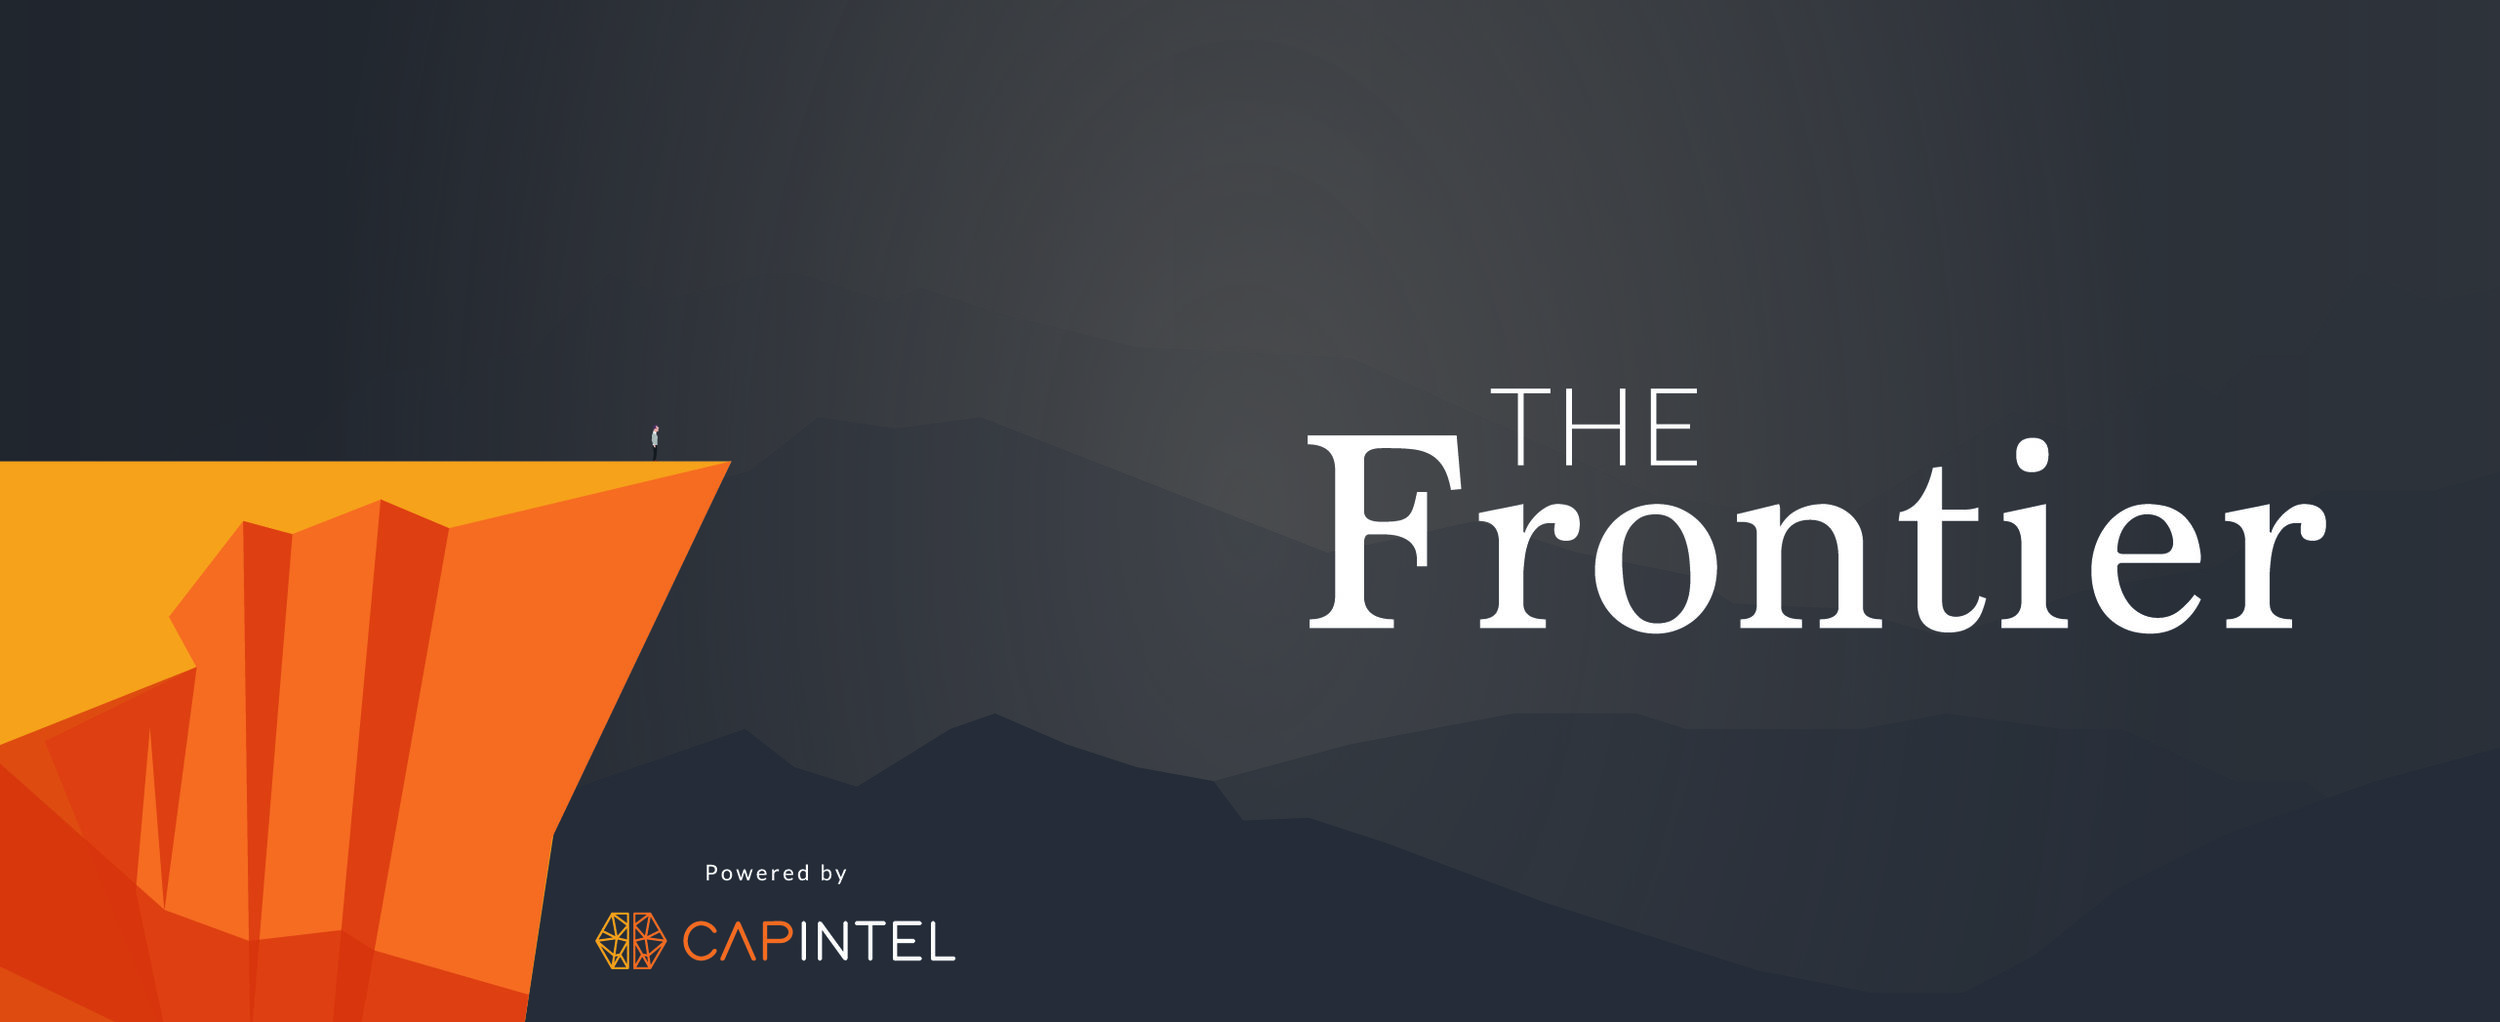 capintel-frontier-100.jpg